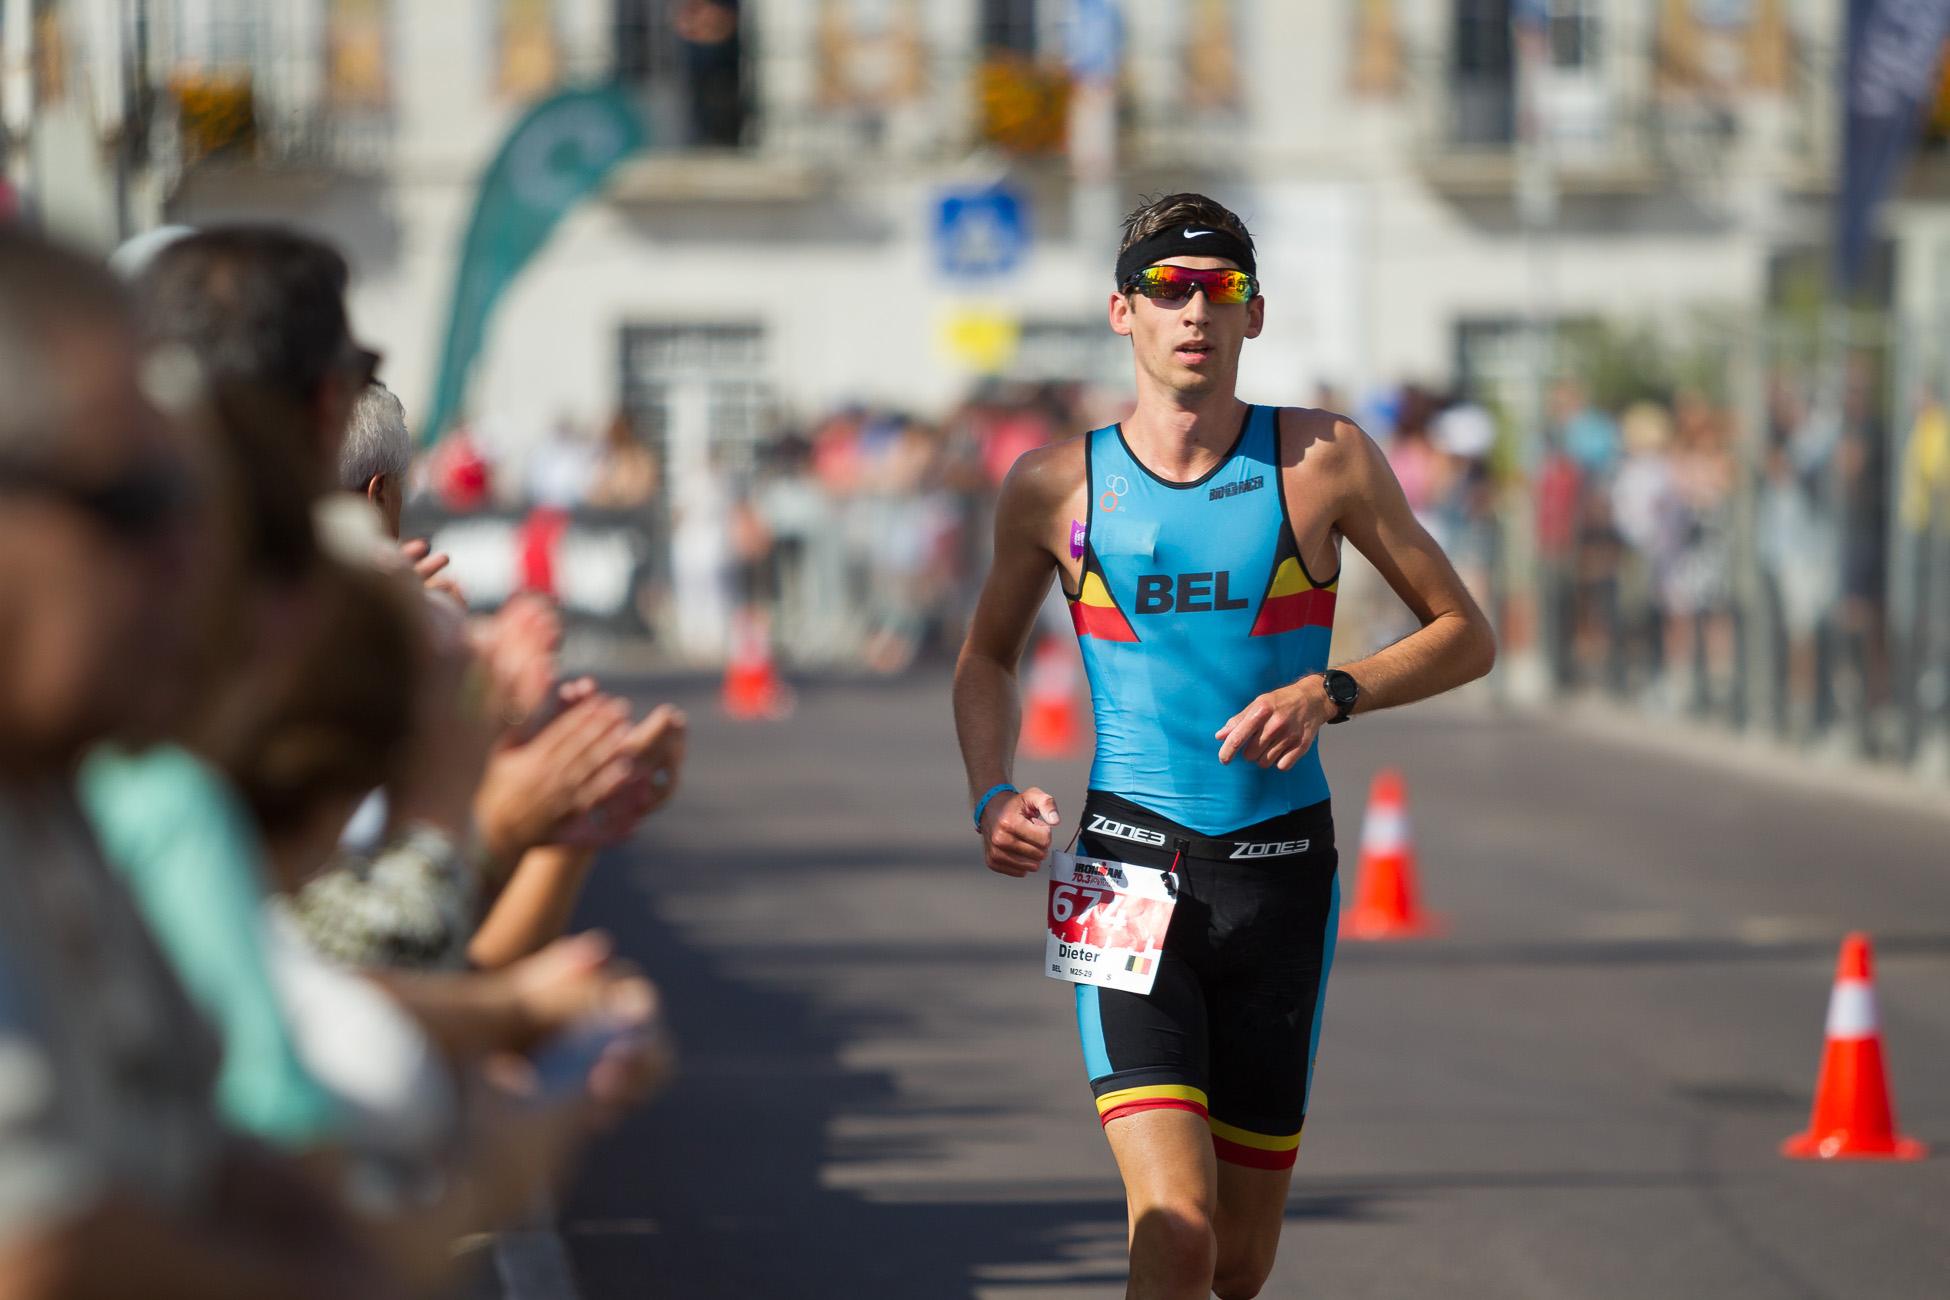 ironman-triatlo-fitness-lifestyle-desporto-atleta-fotografia-013.jpg